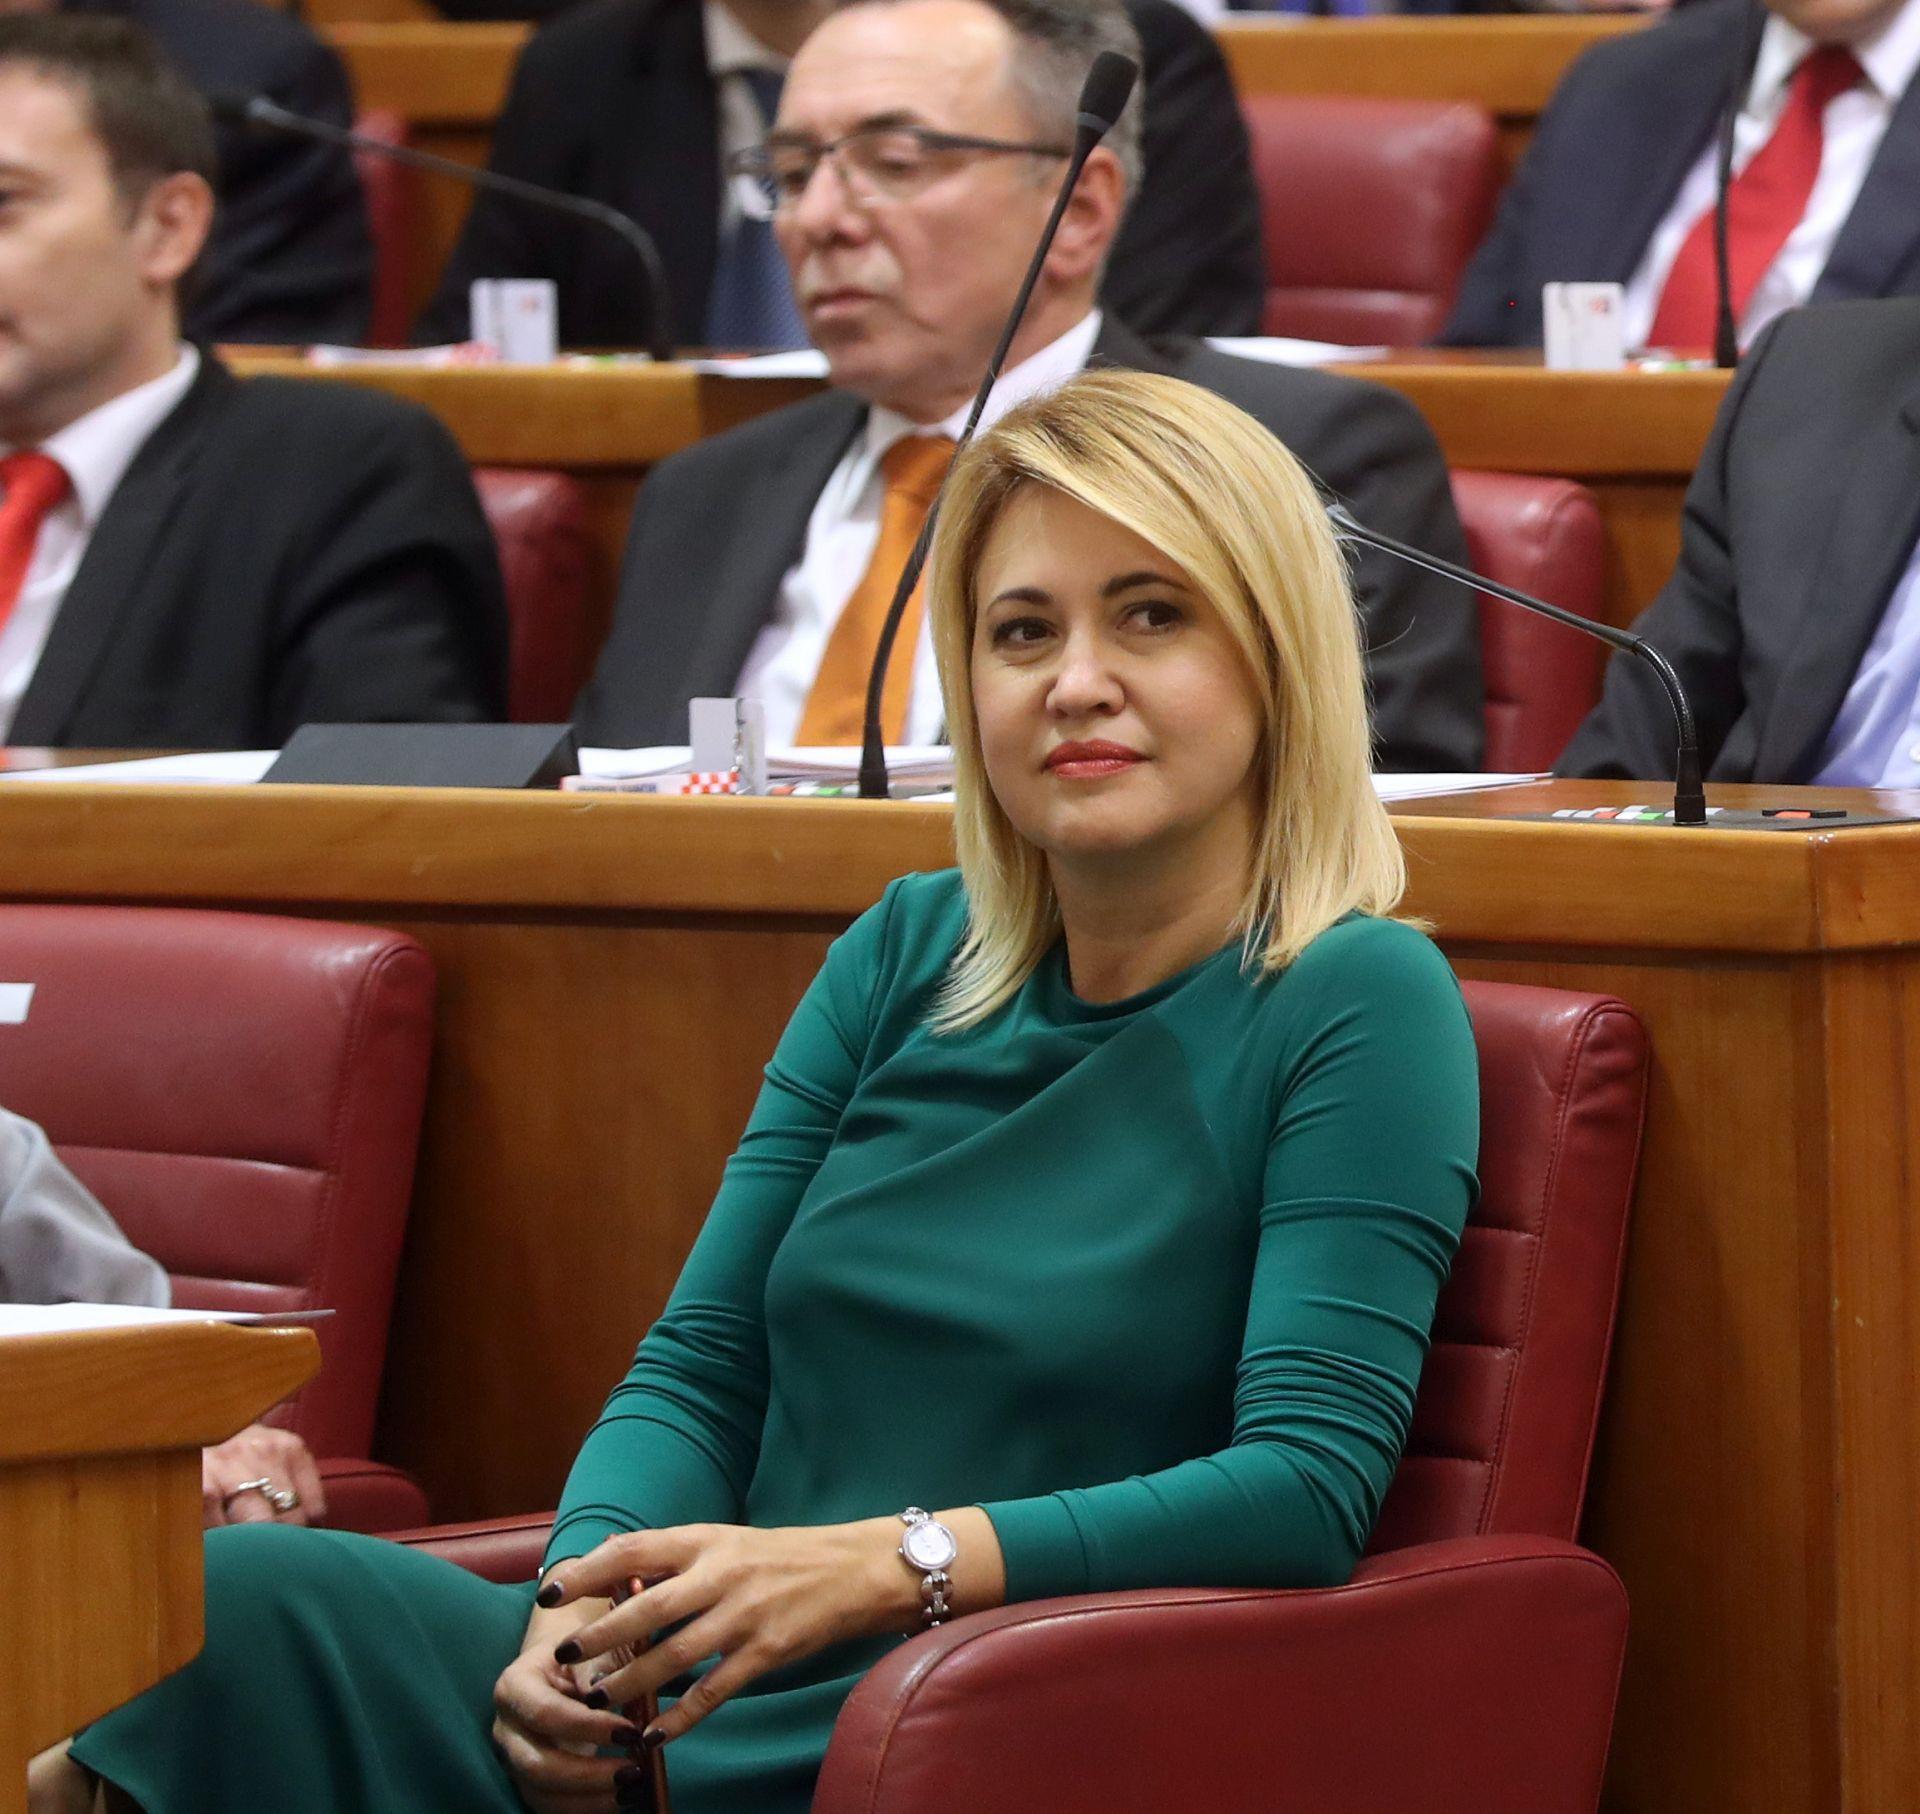 Milanka Opačić postala članicom Bandićeve stranke